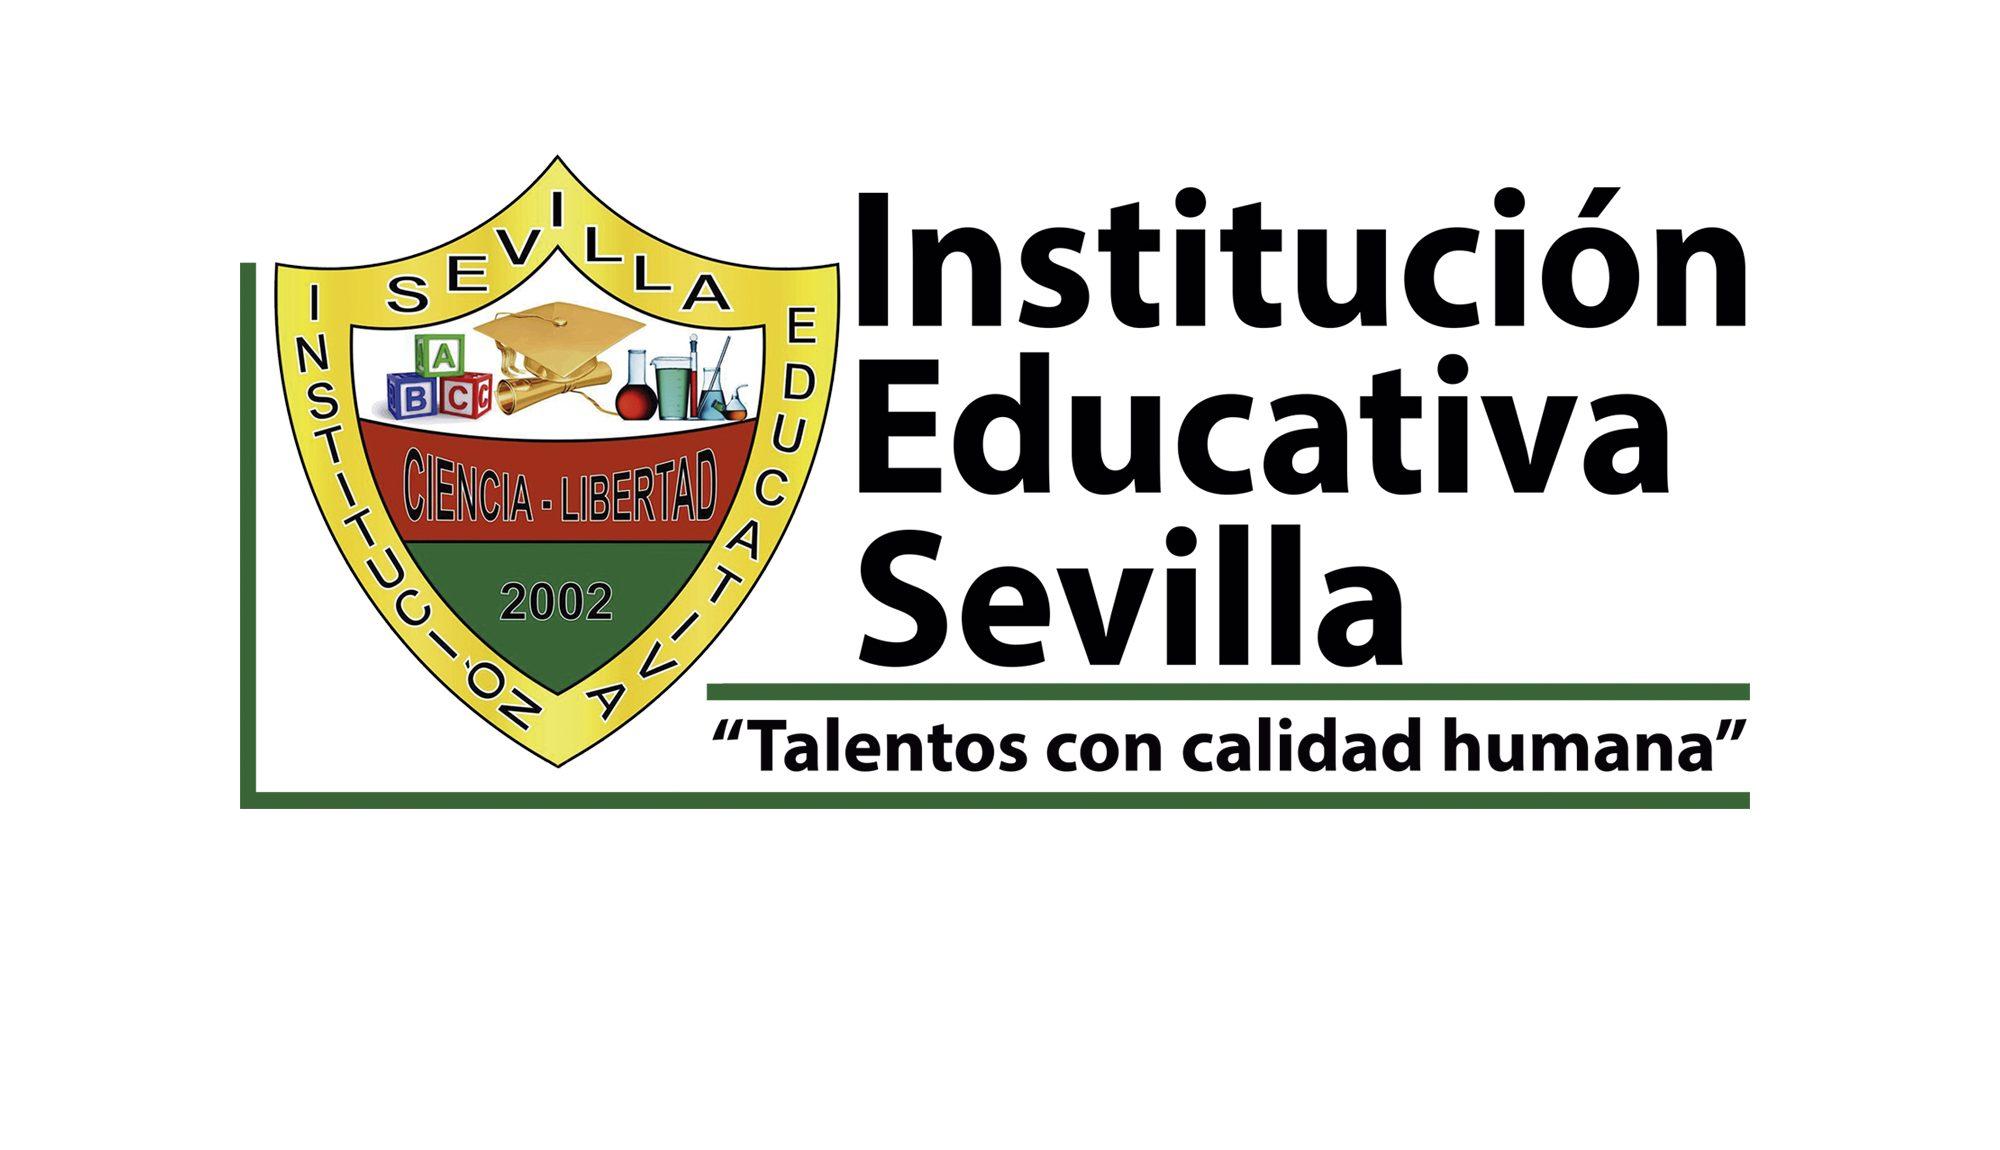 Institución Educativa Sevilla